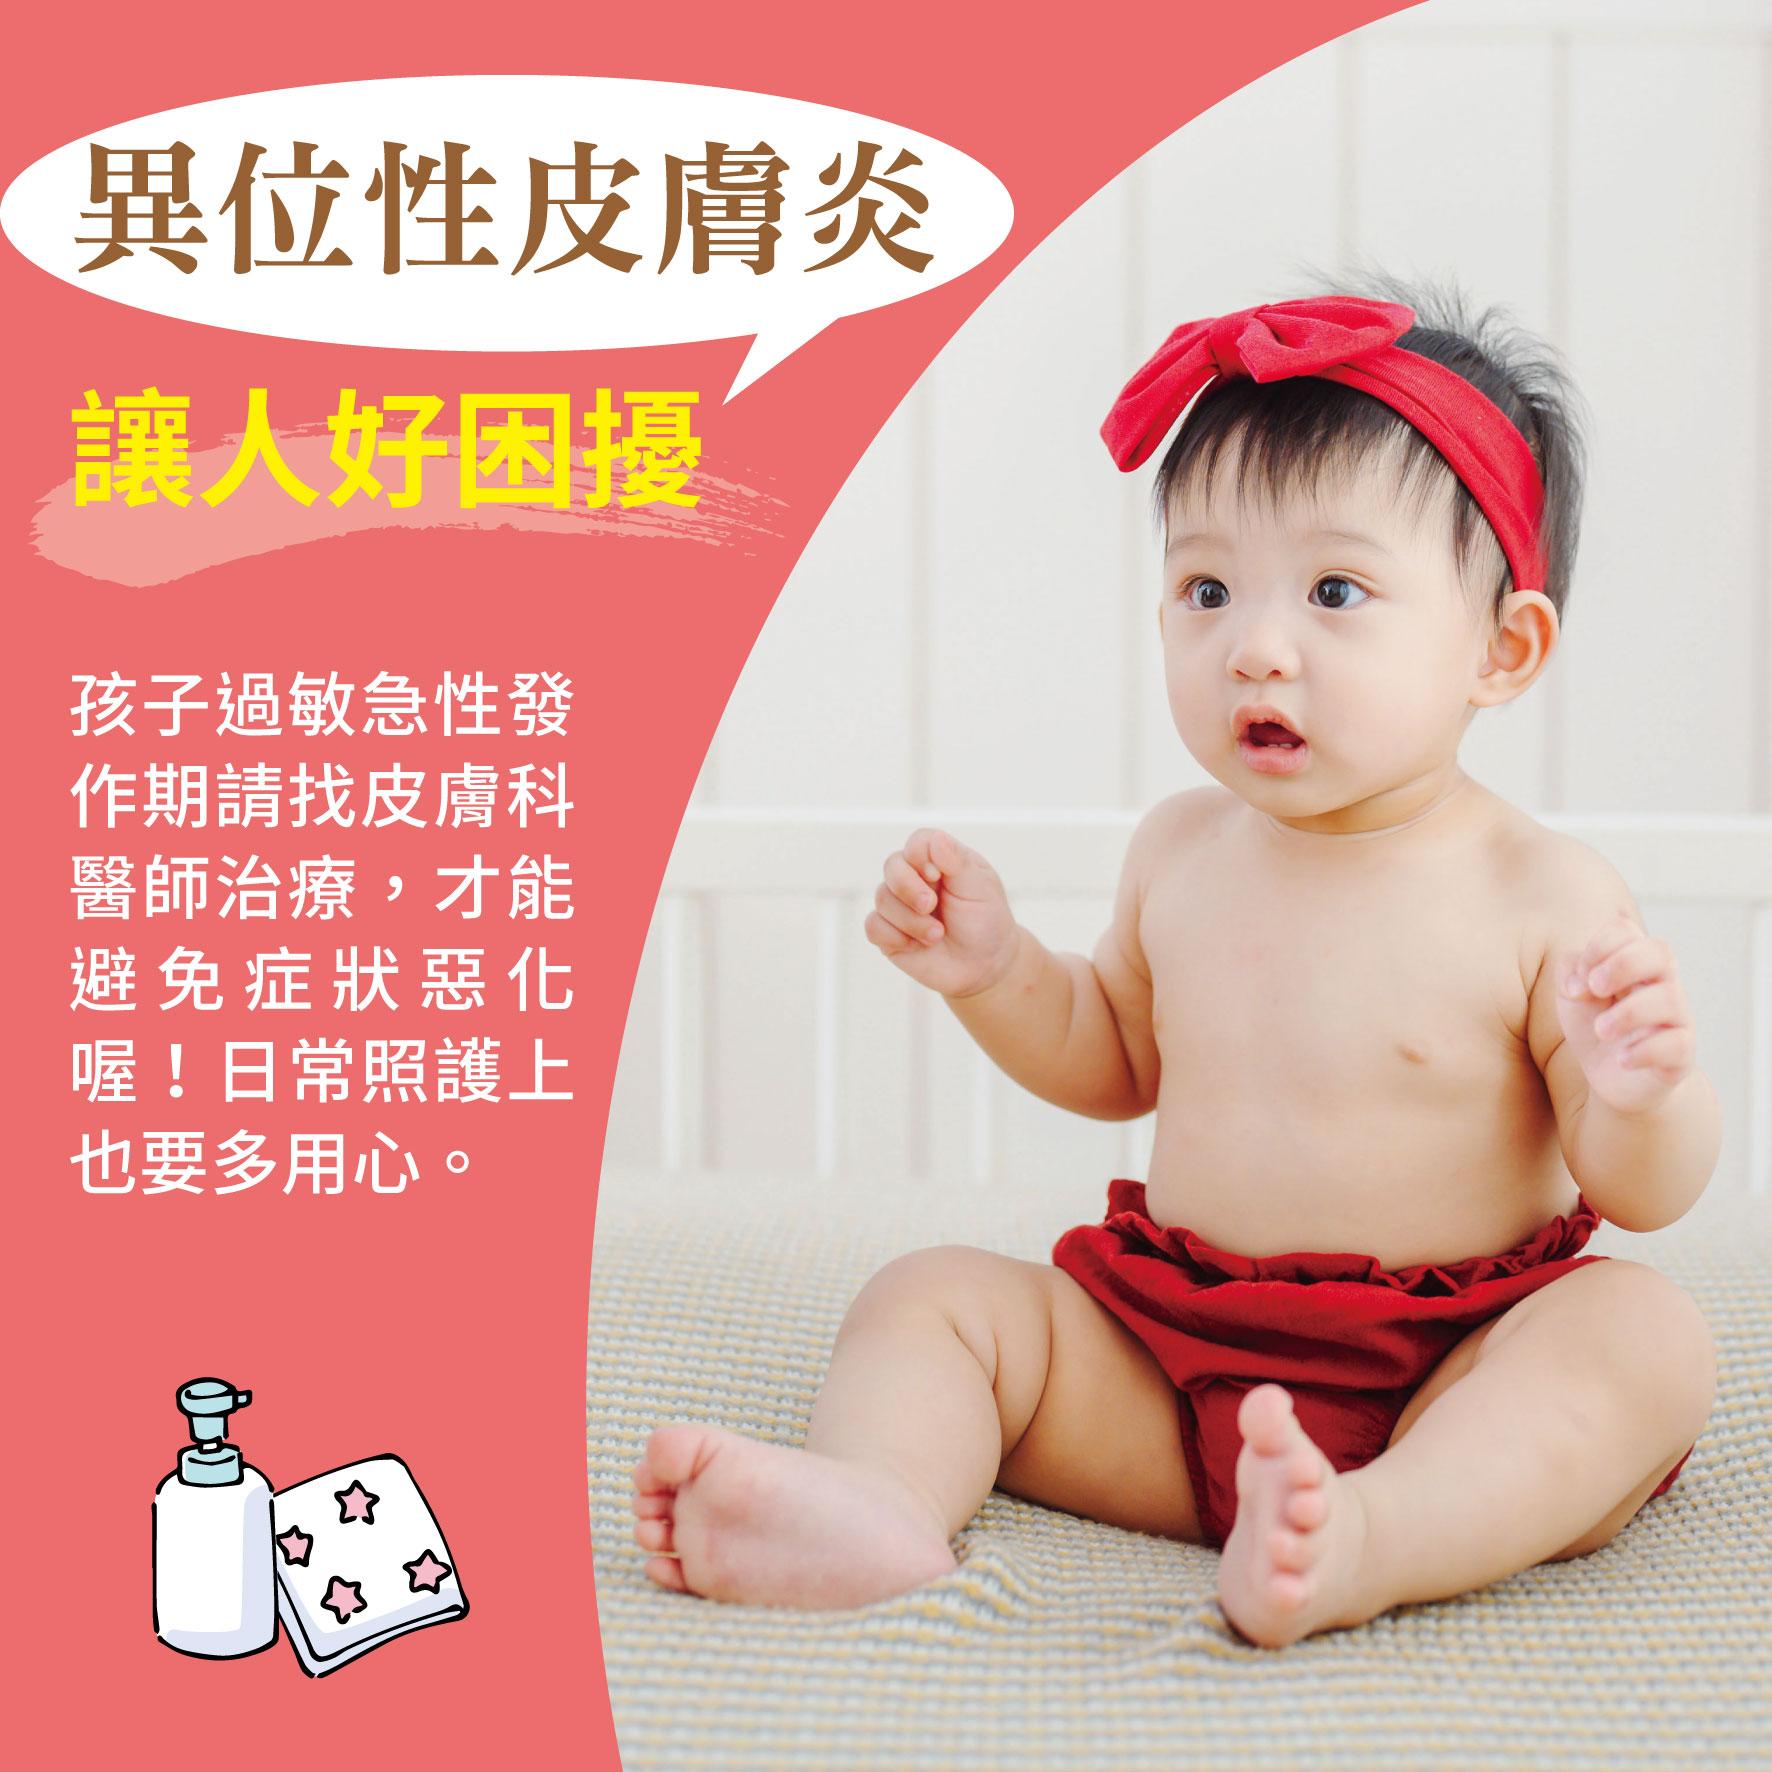 幼兒2歲(第8週)異味性皮膚炎讓人好困擾